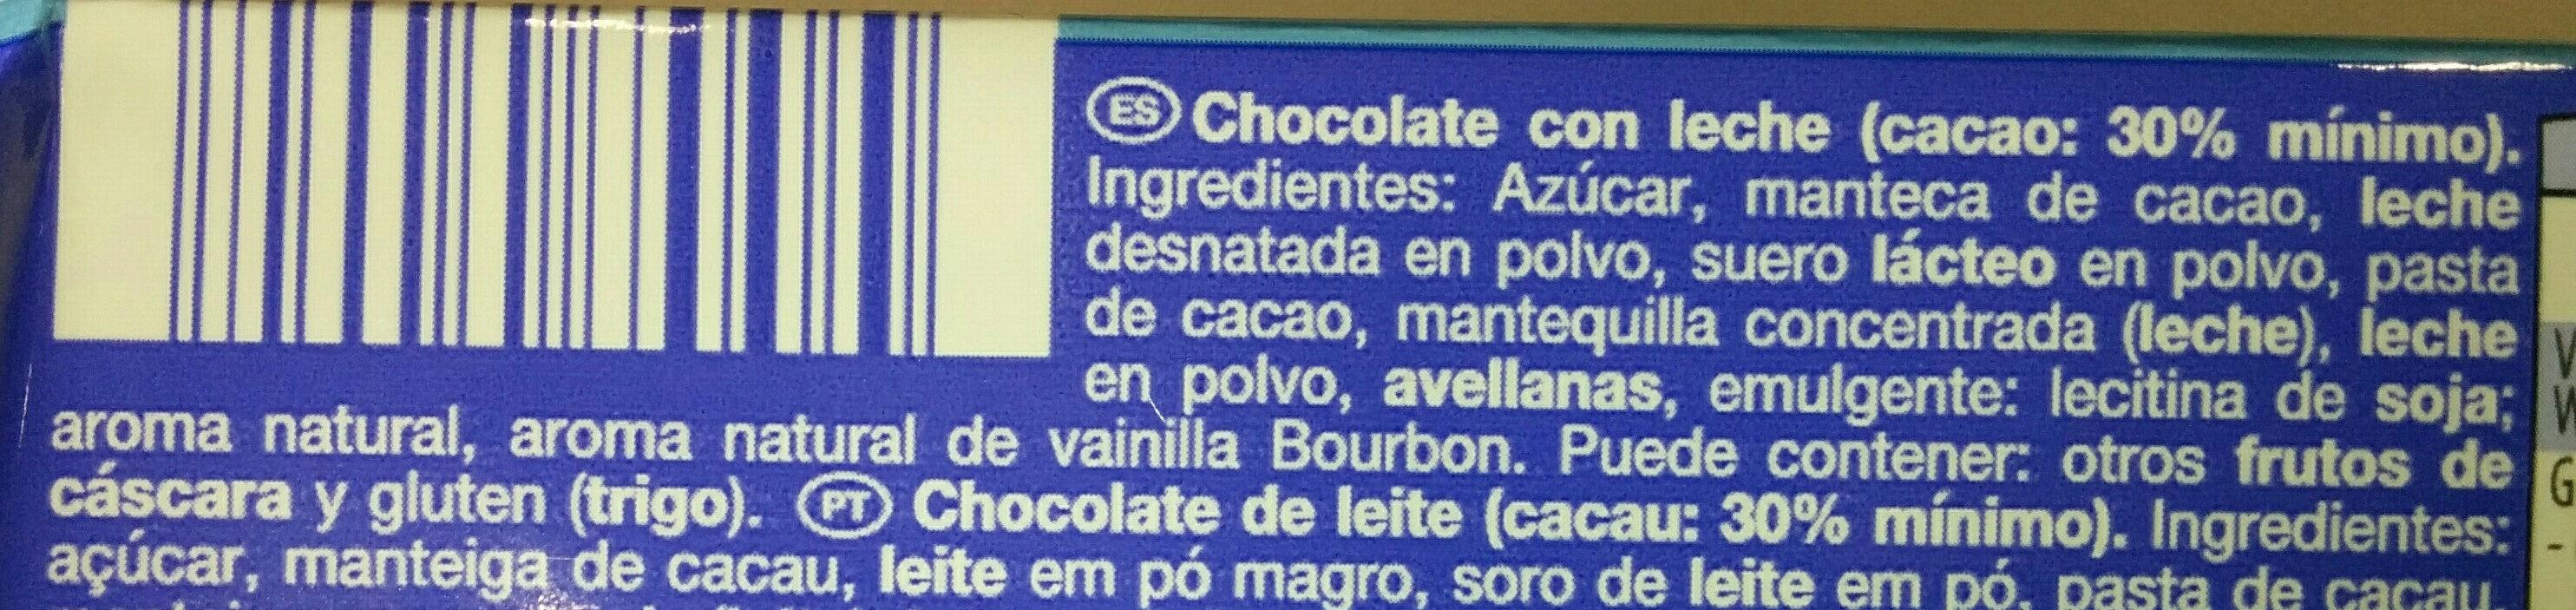 Milk chocolate - Ingredients - es